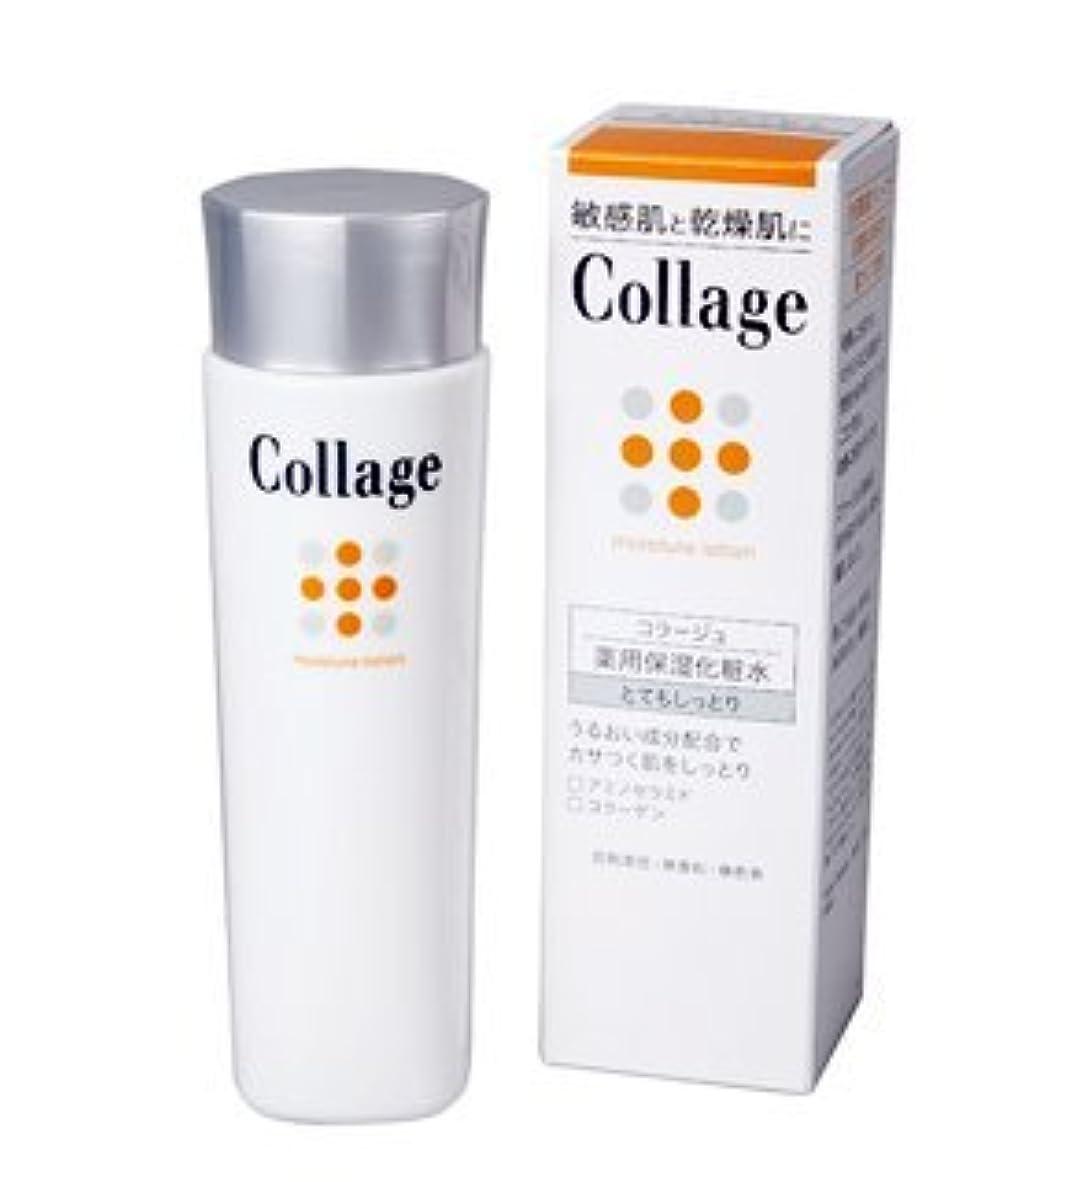 困惑する白いバラ色【持田ヘルスケア】 コラージュ薬用保湿化粧水 しっとり 120ml (医薬部外品) ×4個セット